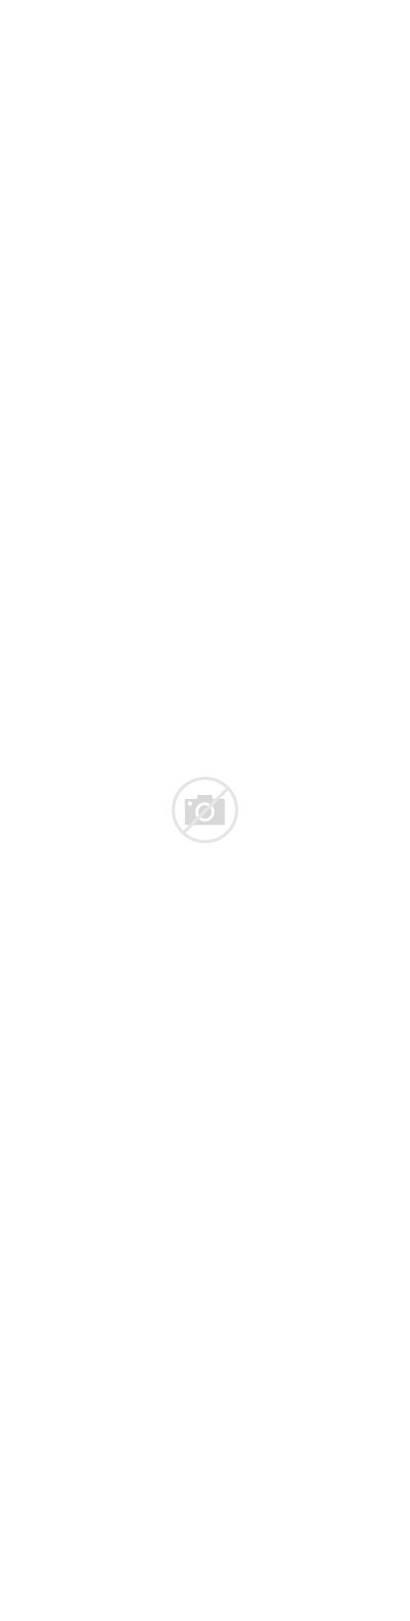 Cork Bourbon West Irish Cask Whiskey Blended